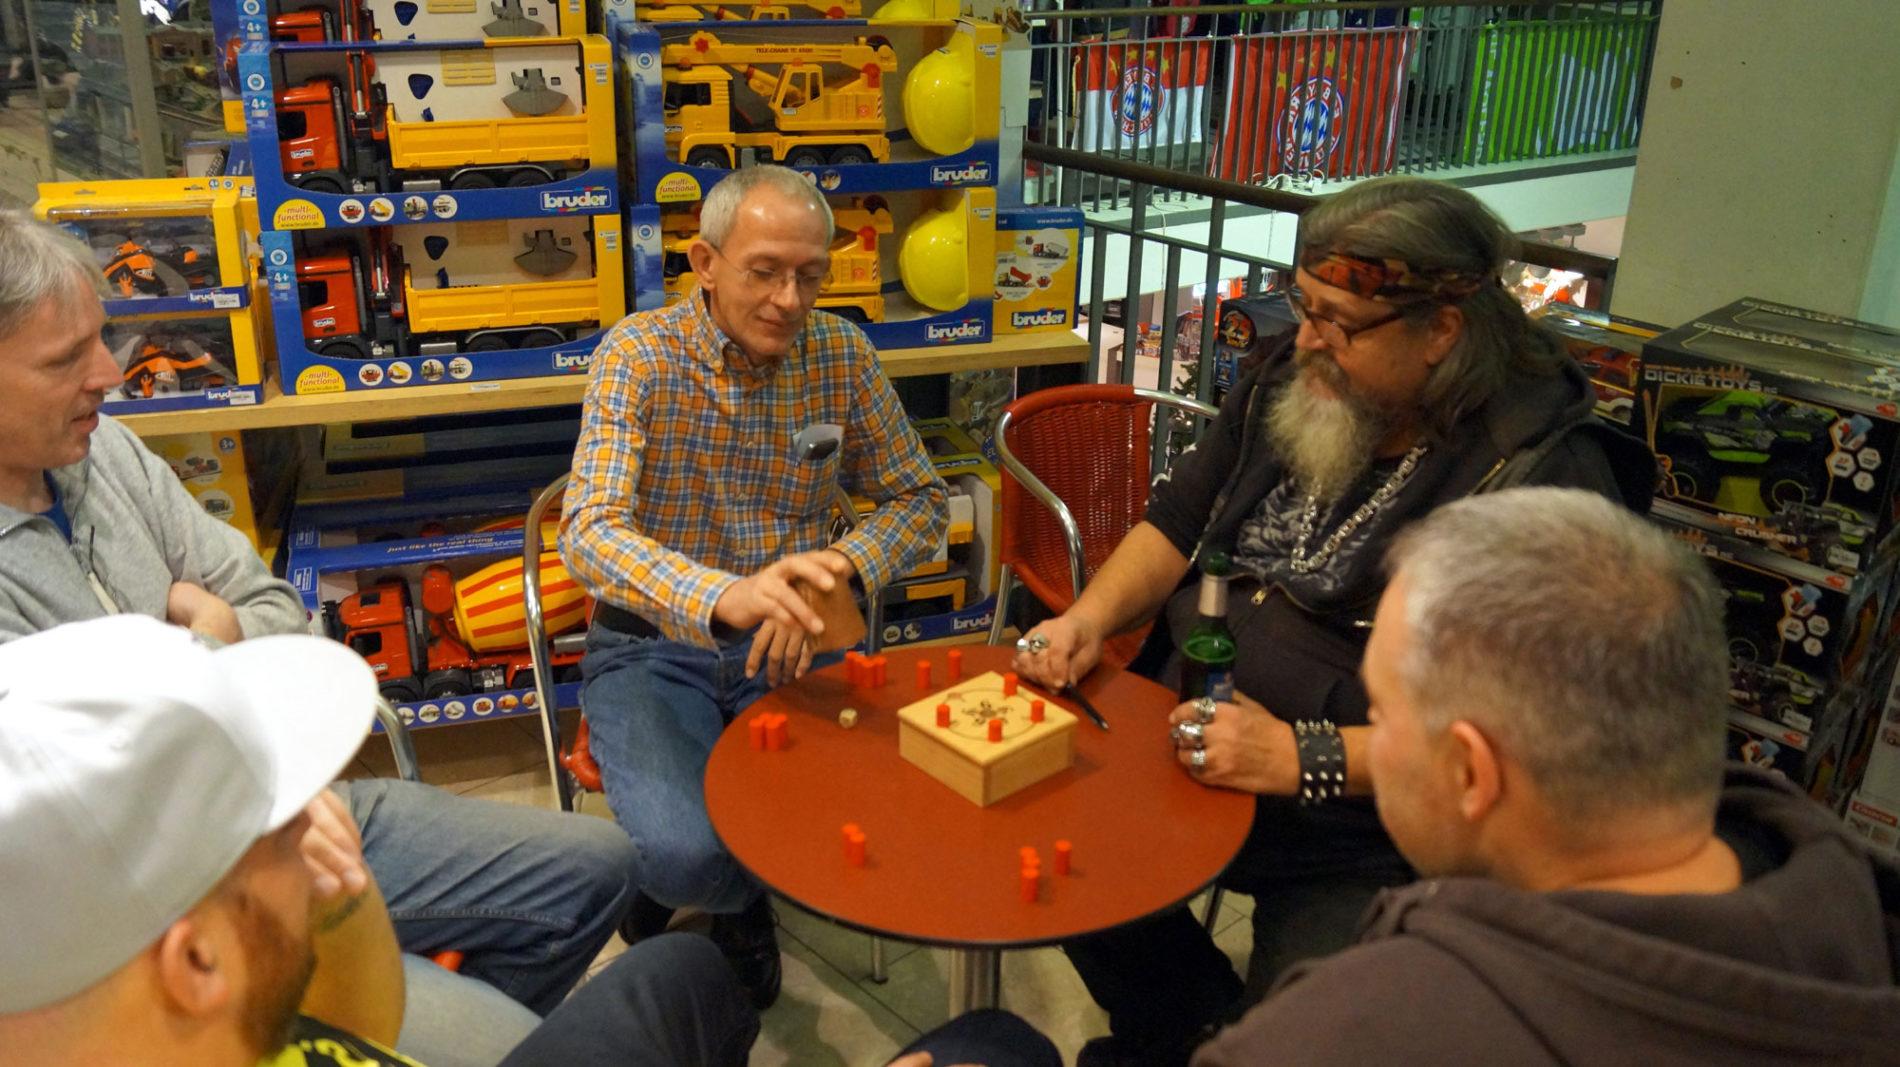 Würfelspiel beim Männerabend im Spielzeugladen Schütte in Gifhorn